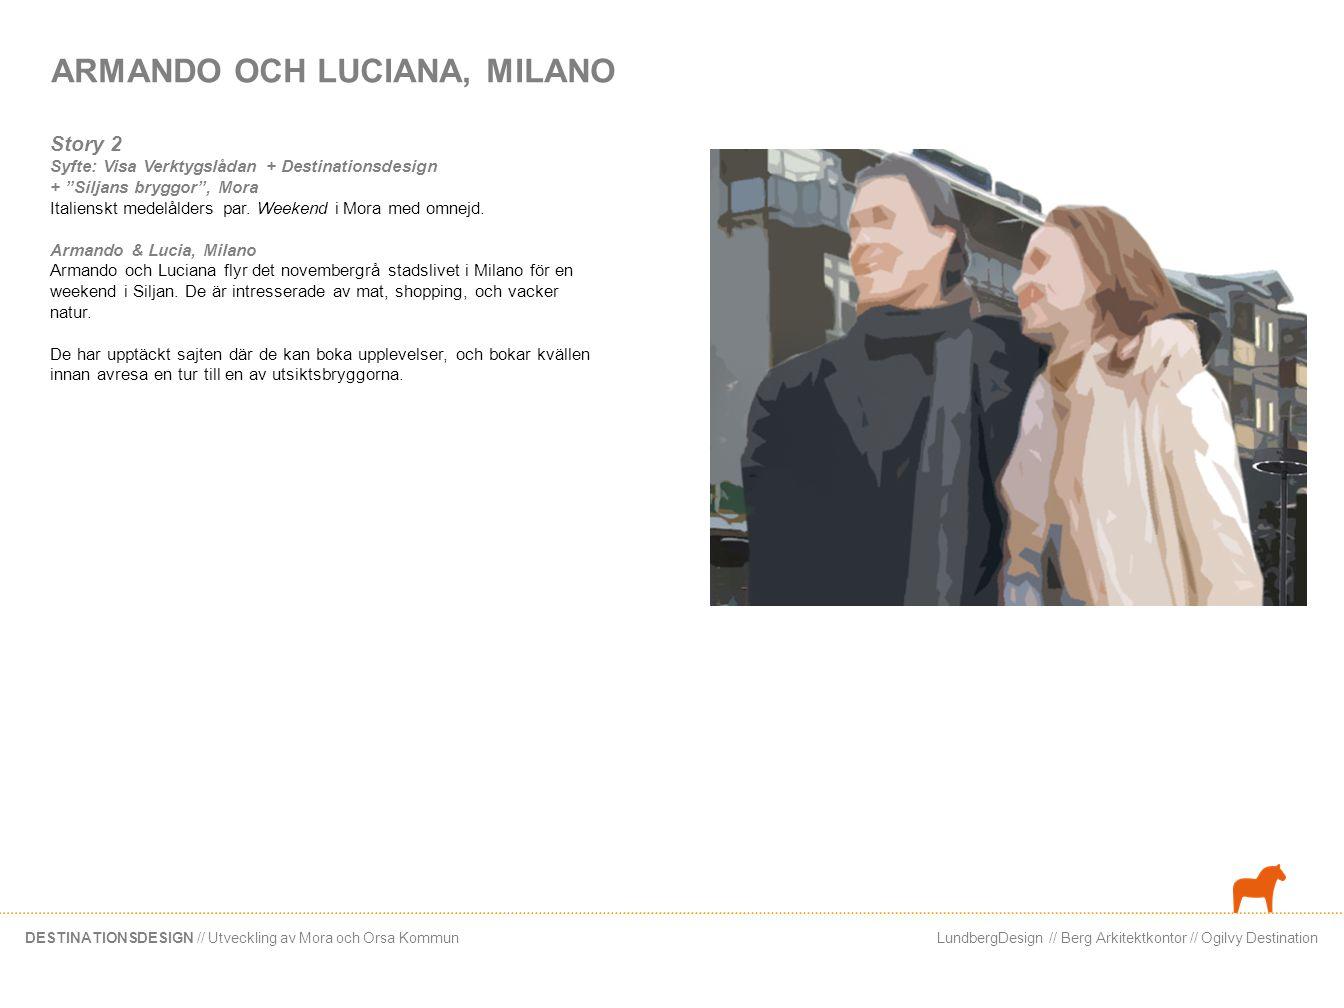 LundbergDesign // Berg Arkitektkontor // Ogilvy DestinationDESTINATIONSDESIGN // Utveckling av Mora och Orsa Kommun Story 2 Syfte: Visa Verktygslådan